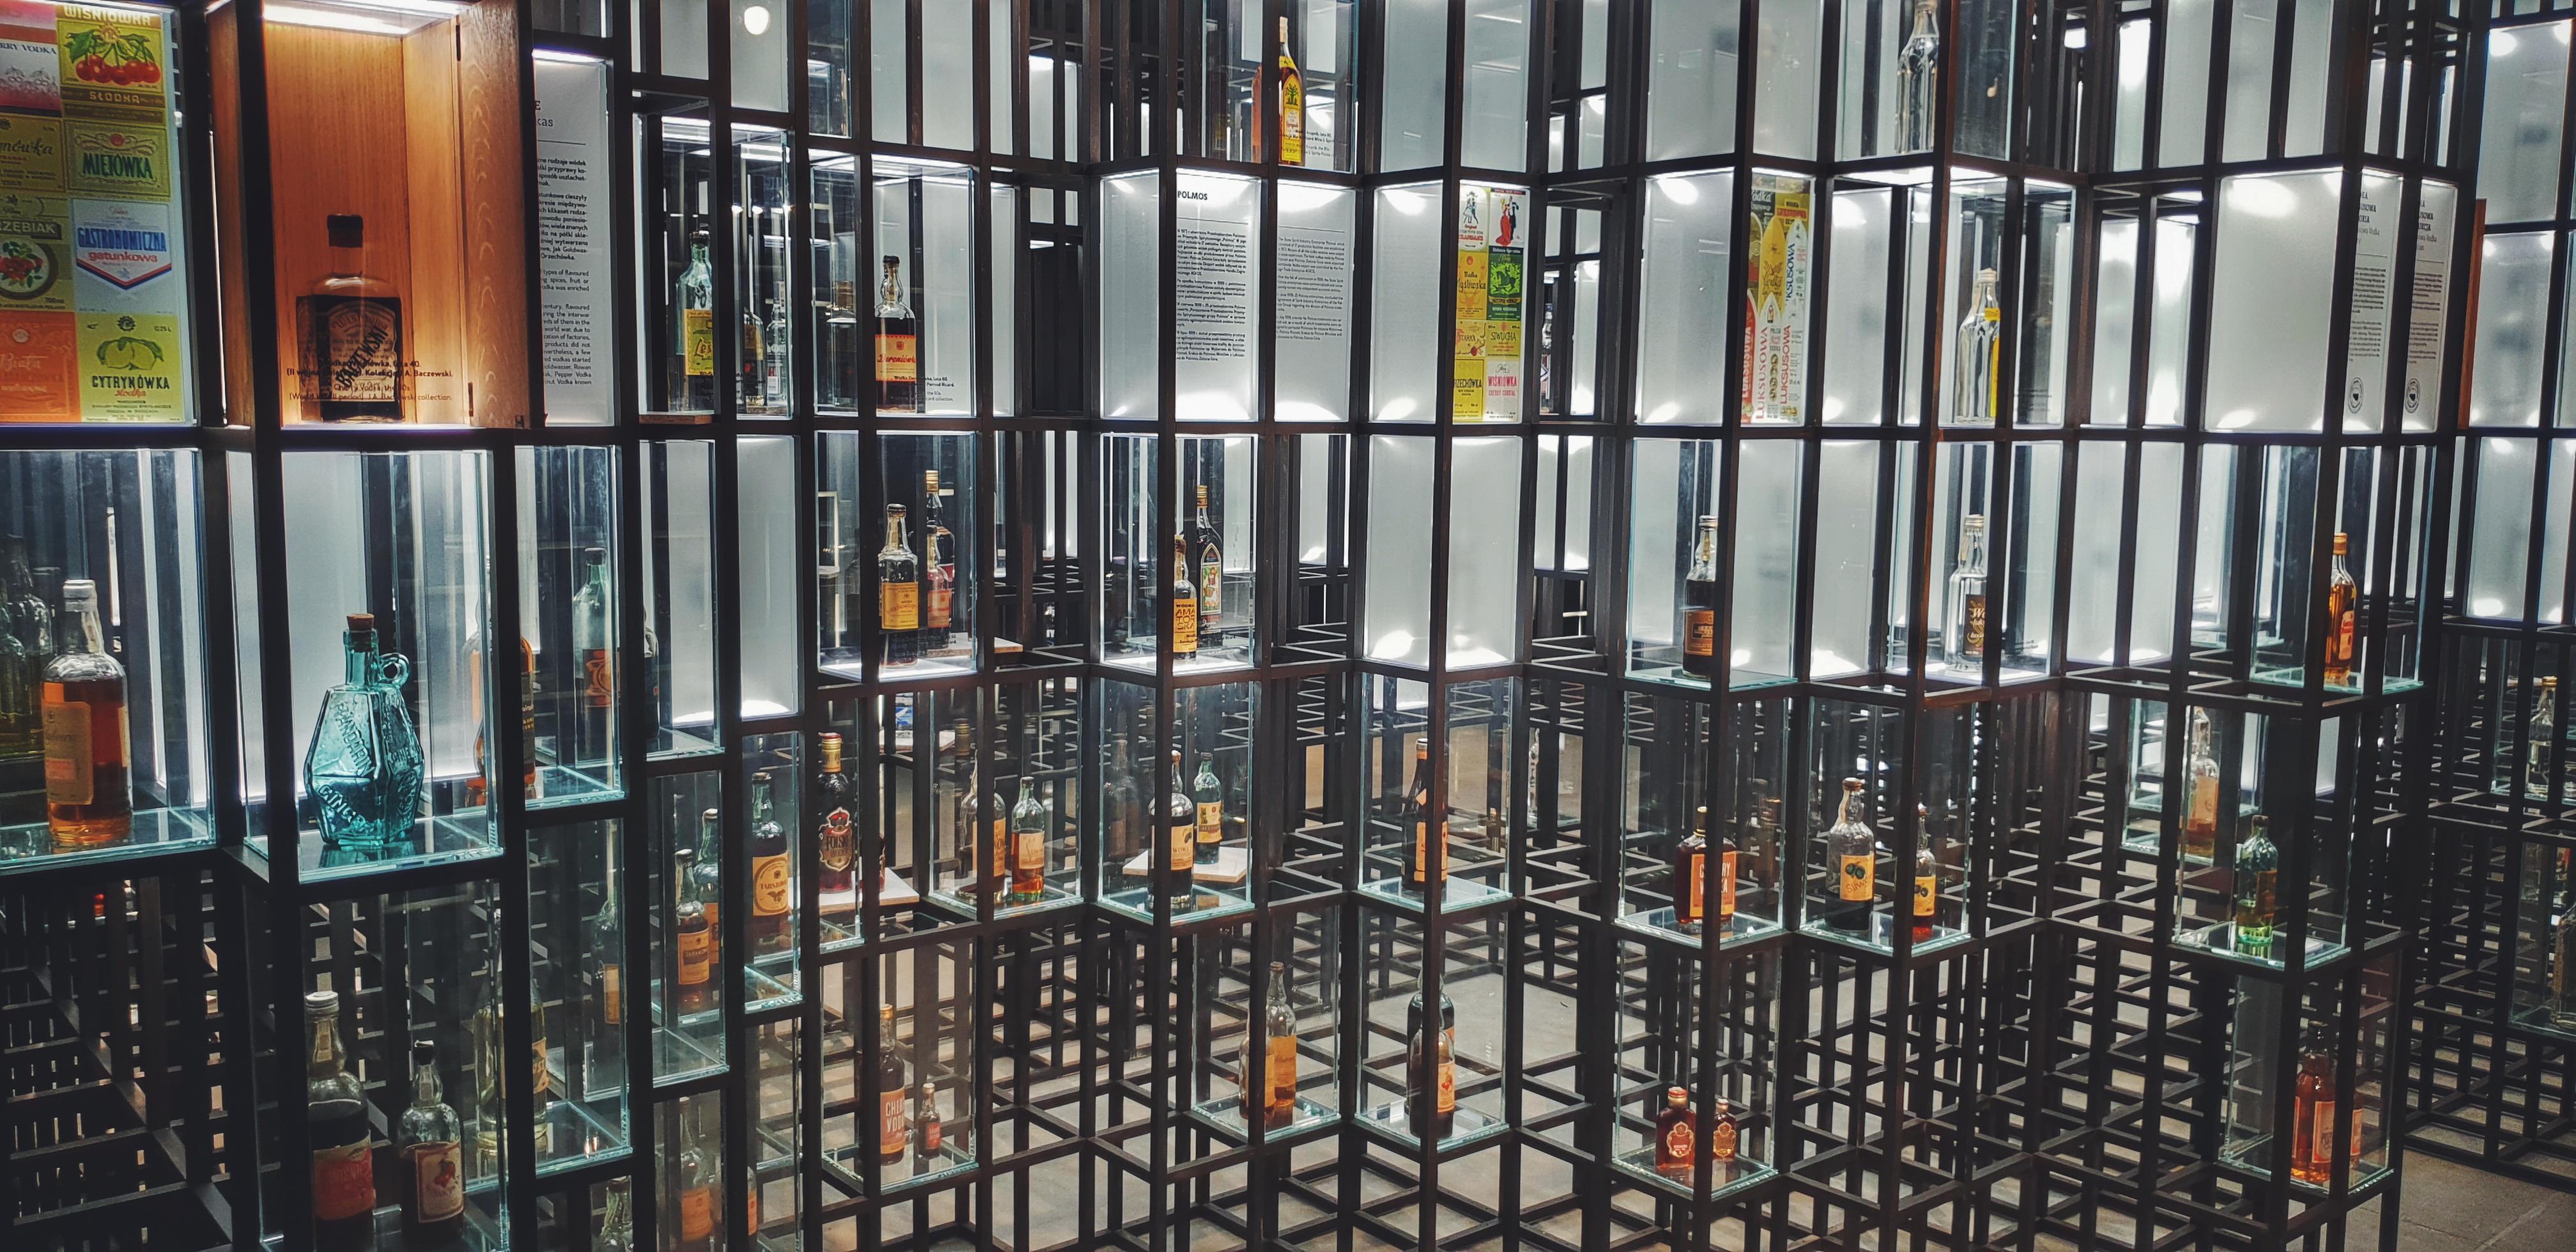 muzeum polskiej wódki otwarcie